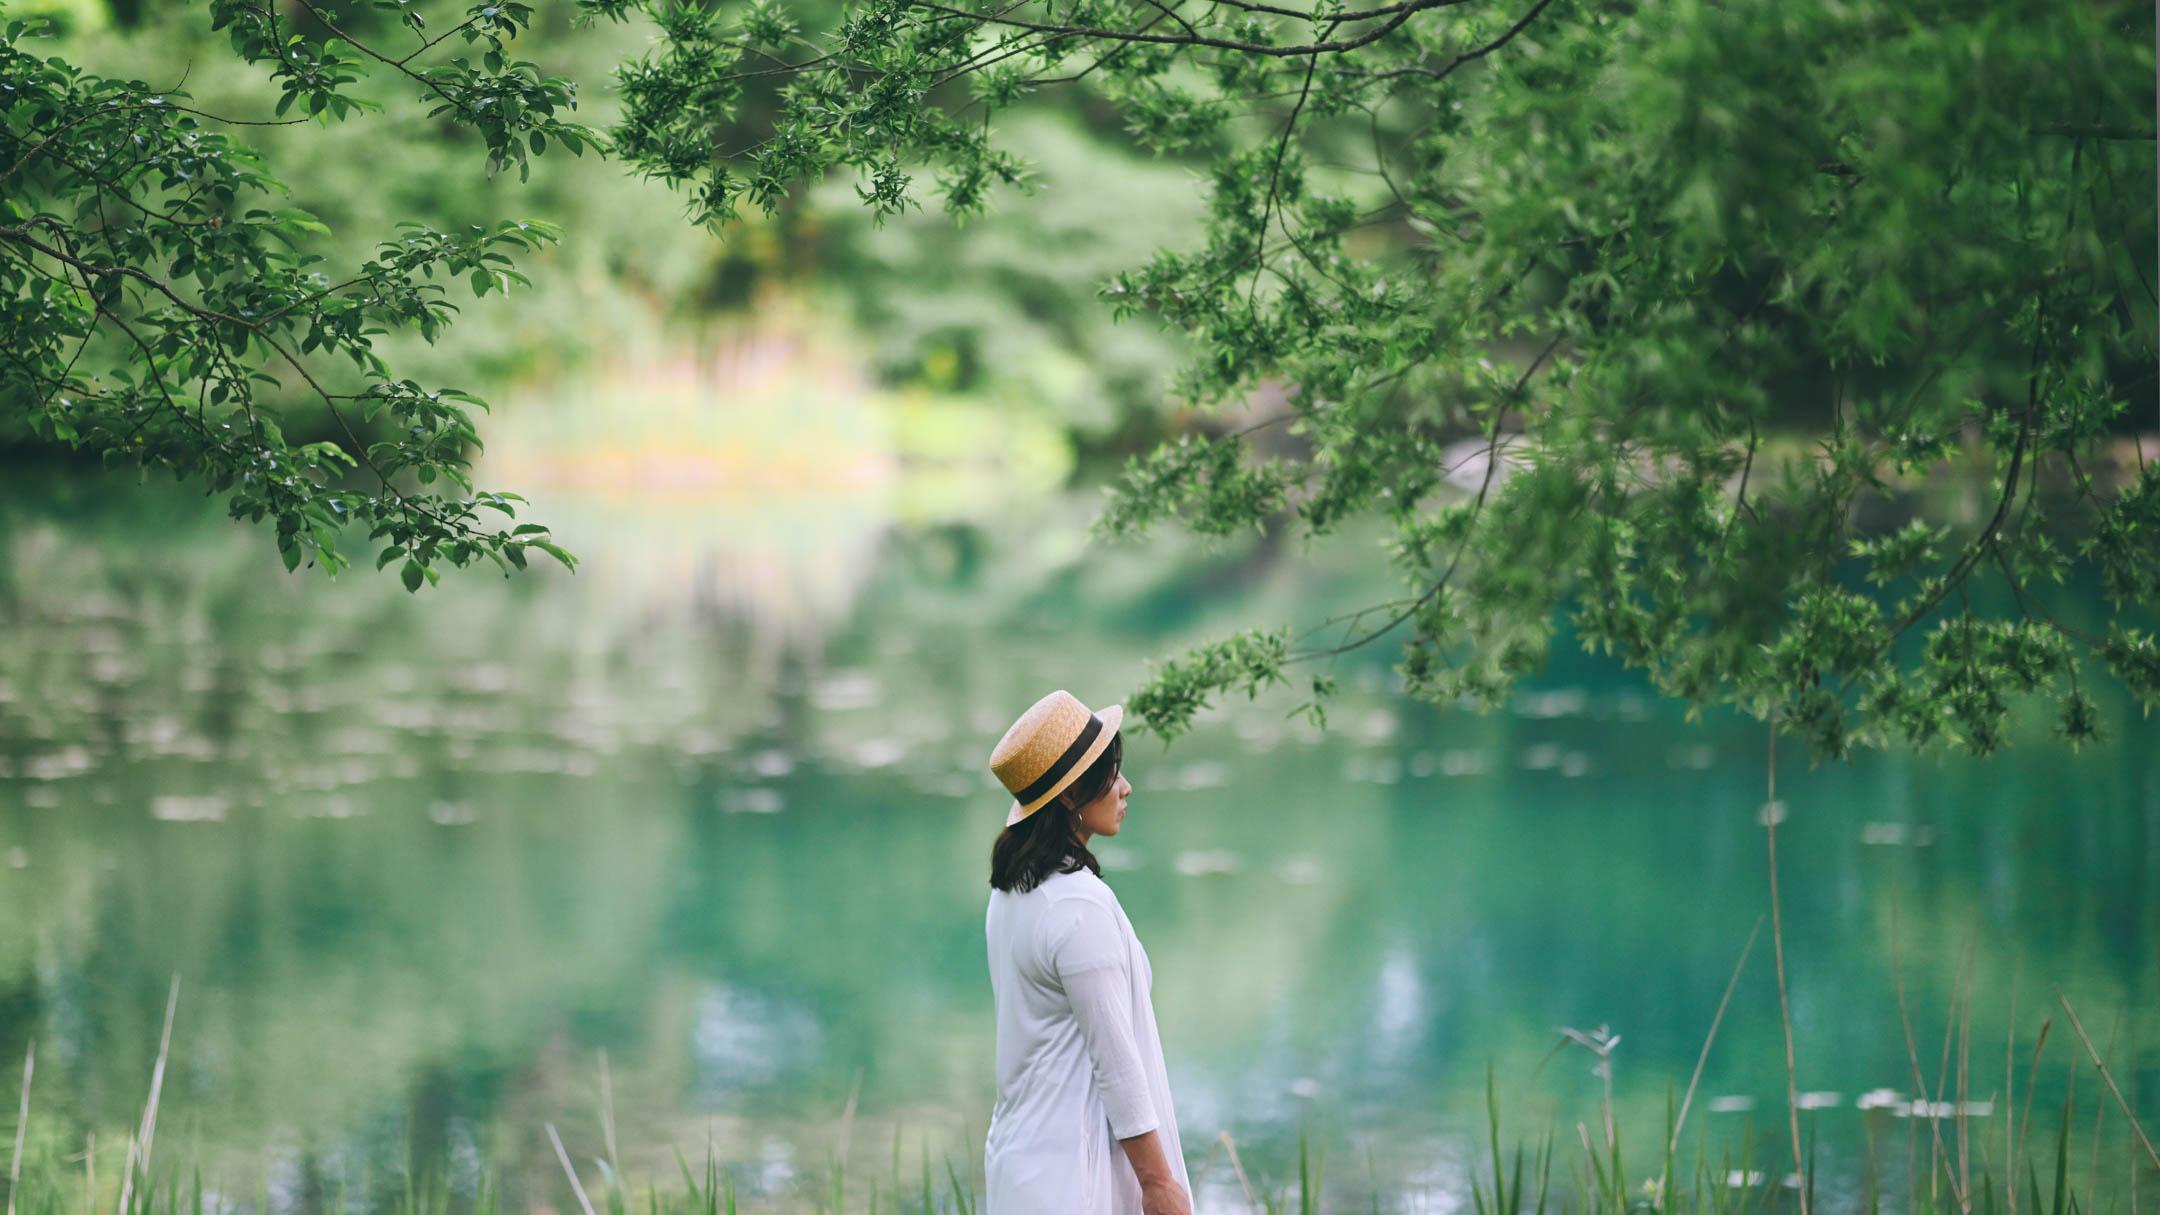 【福島】Zと歩く会津・磐梯山。江戸情緒と五色沼の神秘に触れる旅